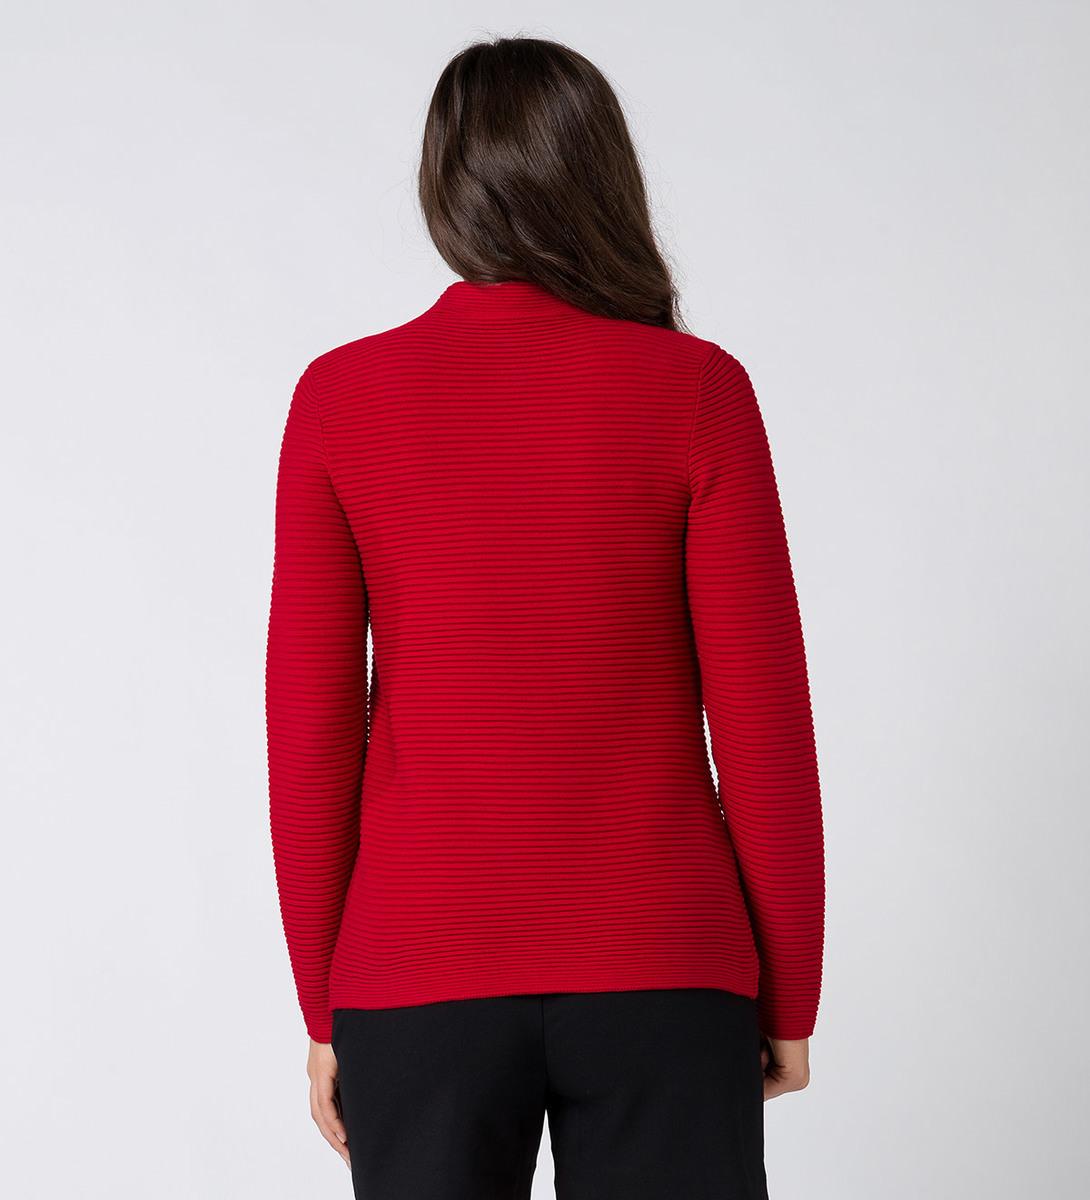 Pullover mit Rippstruktur in red flower